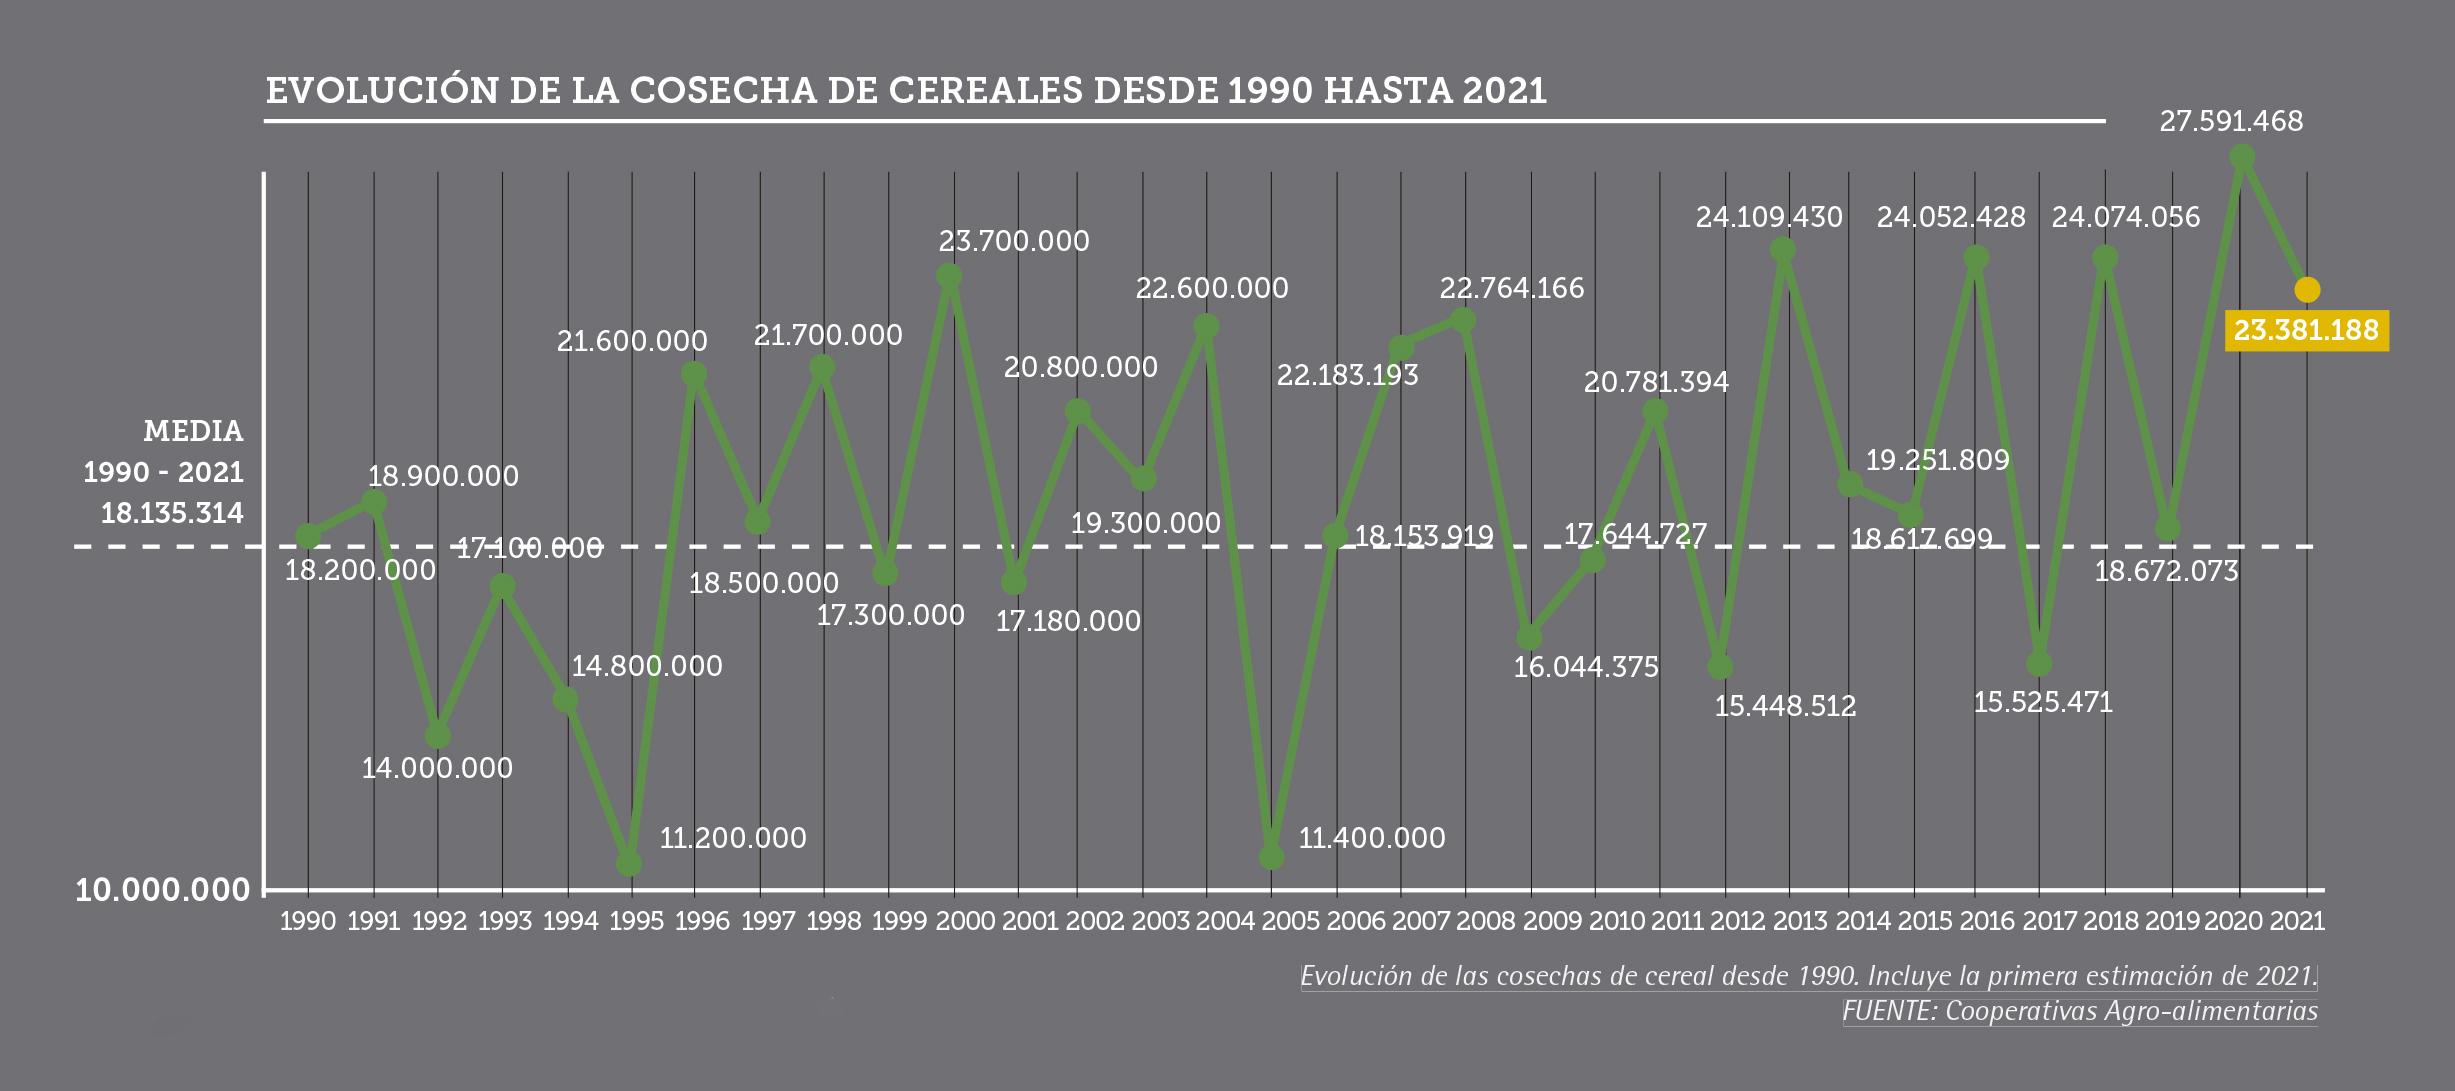 Evolucion de la cosecha de cereales